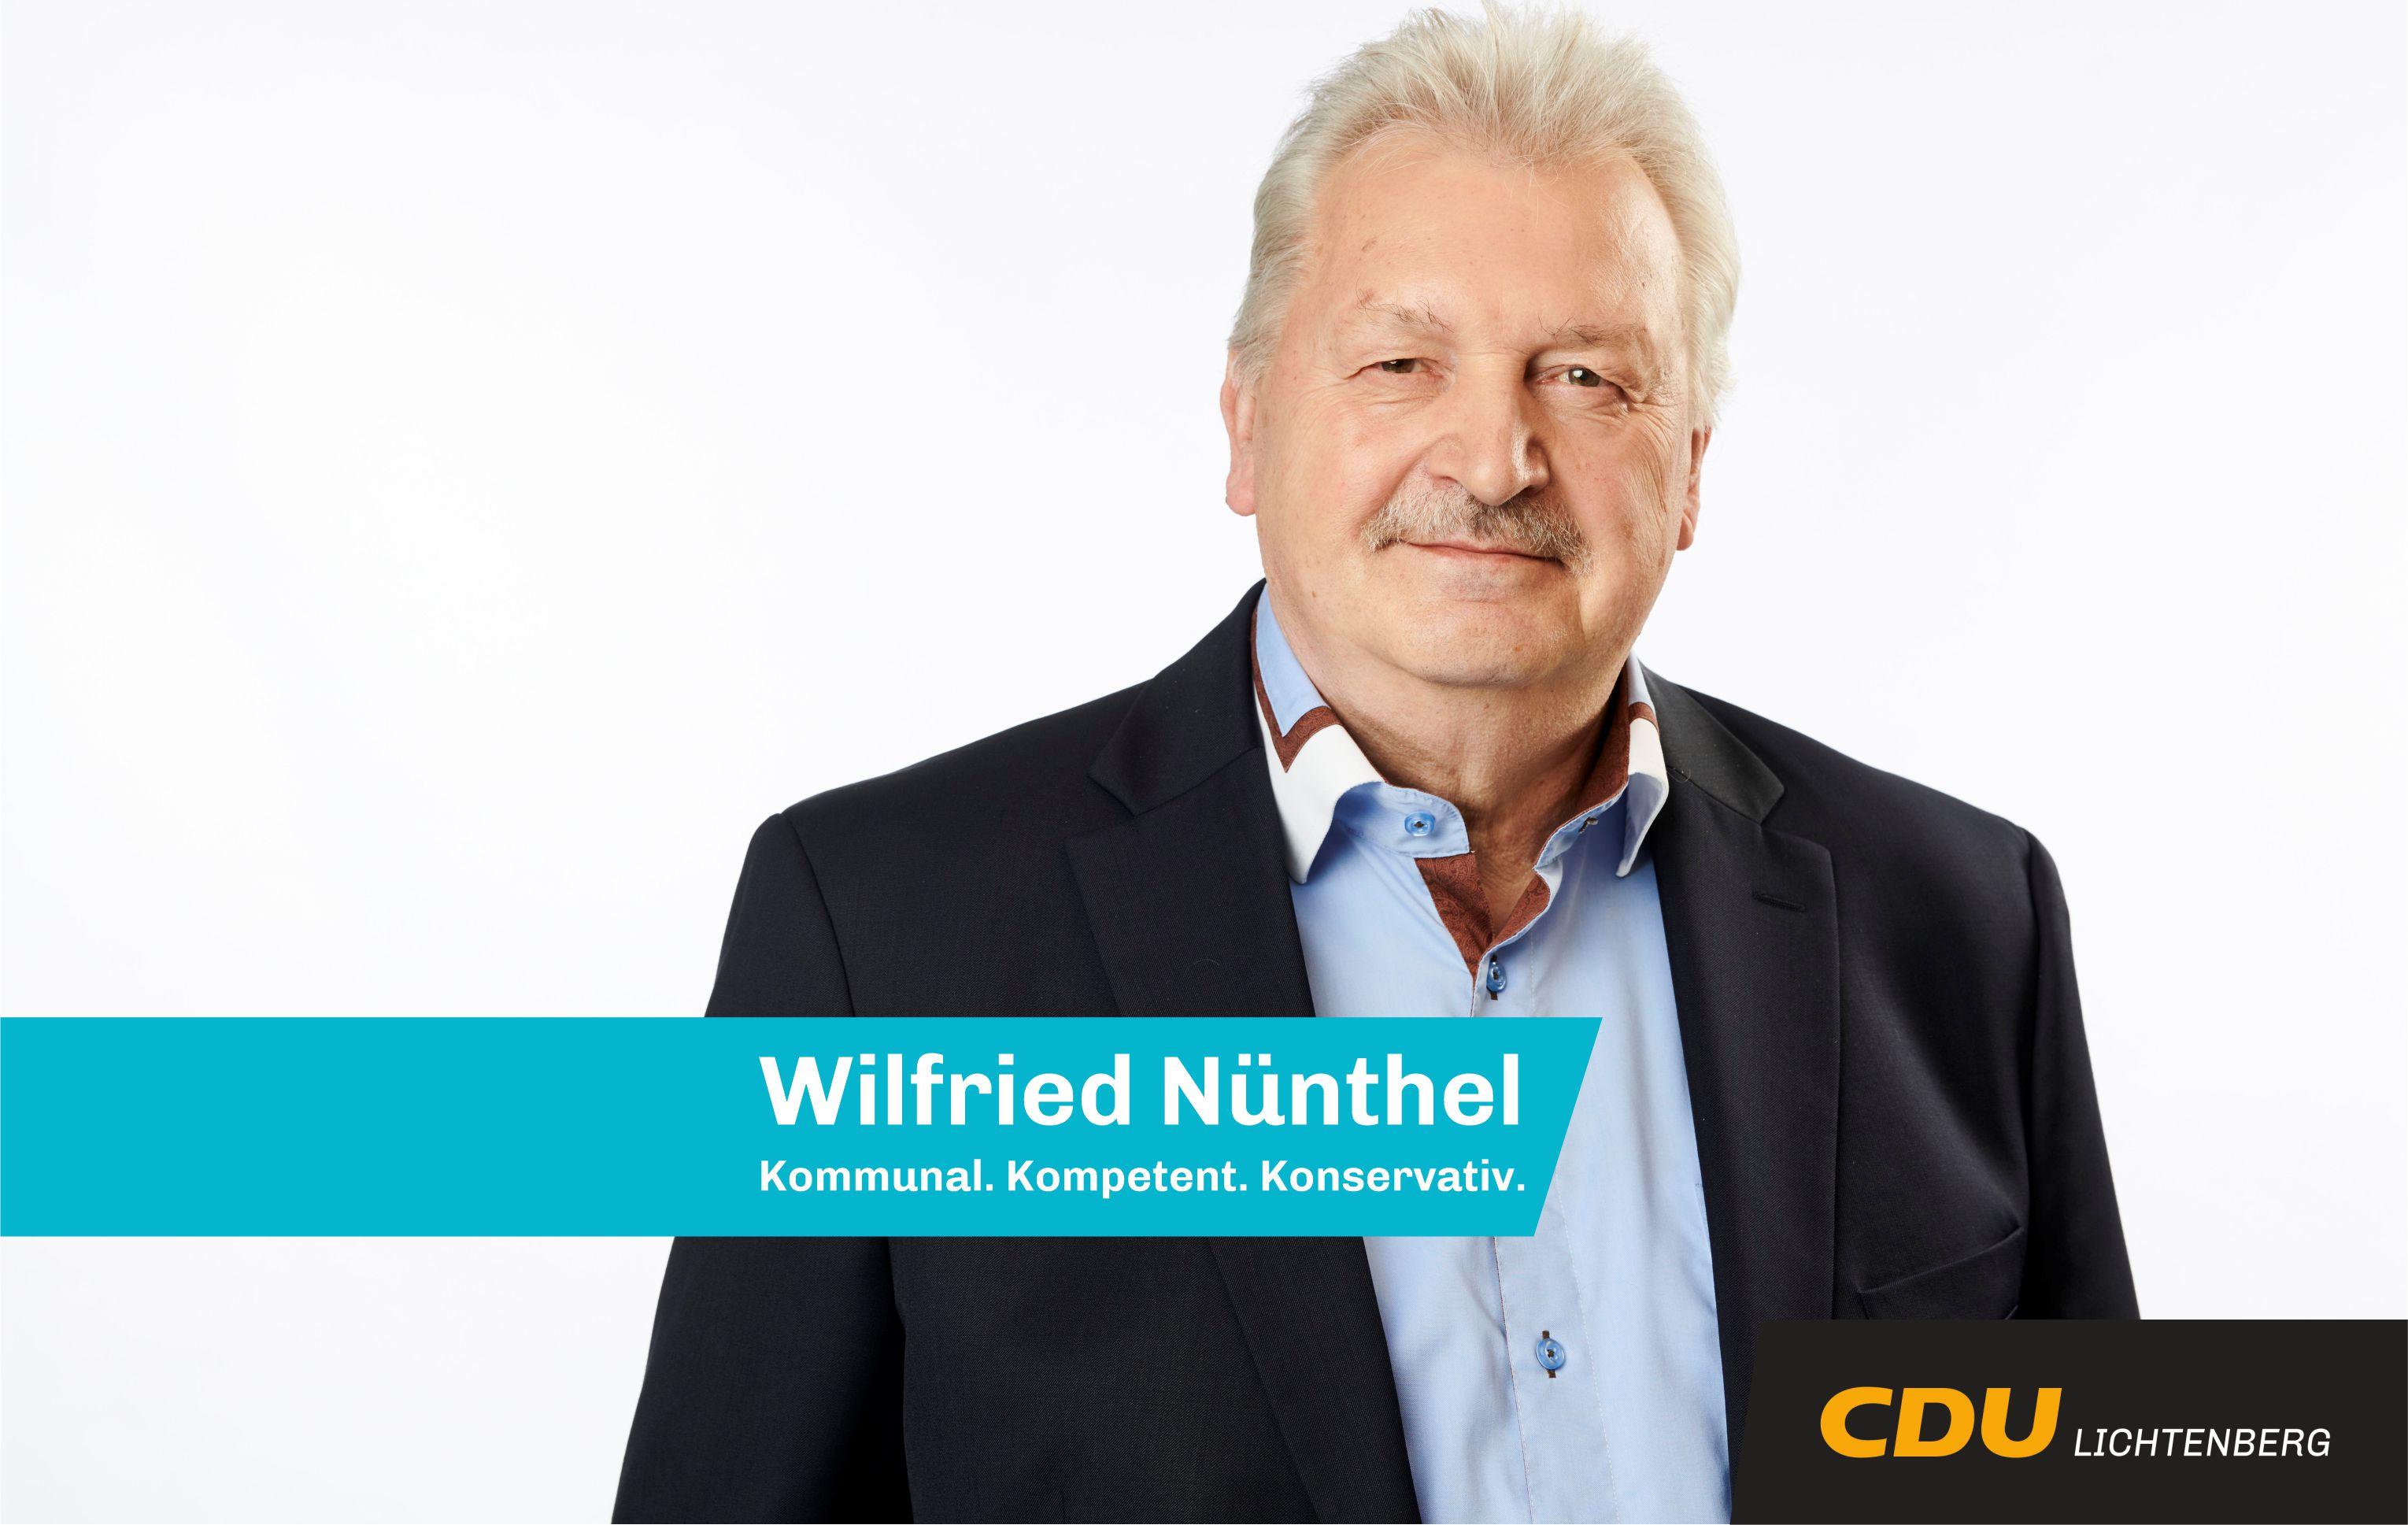 Wilfried Nünthel